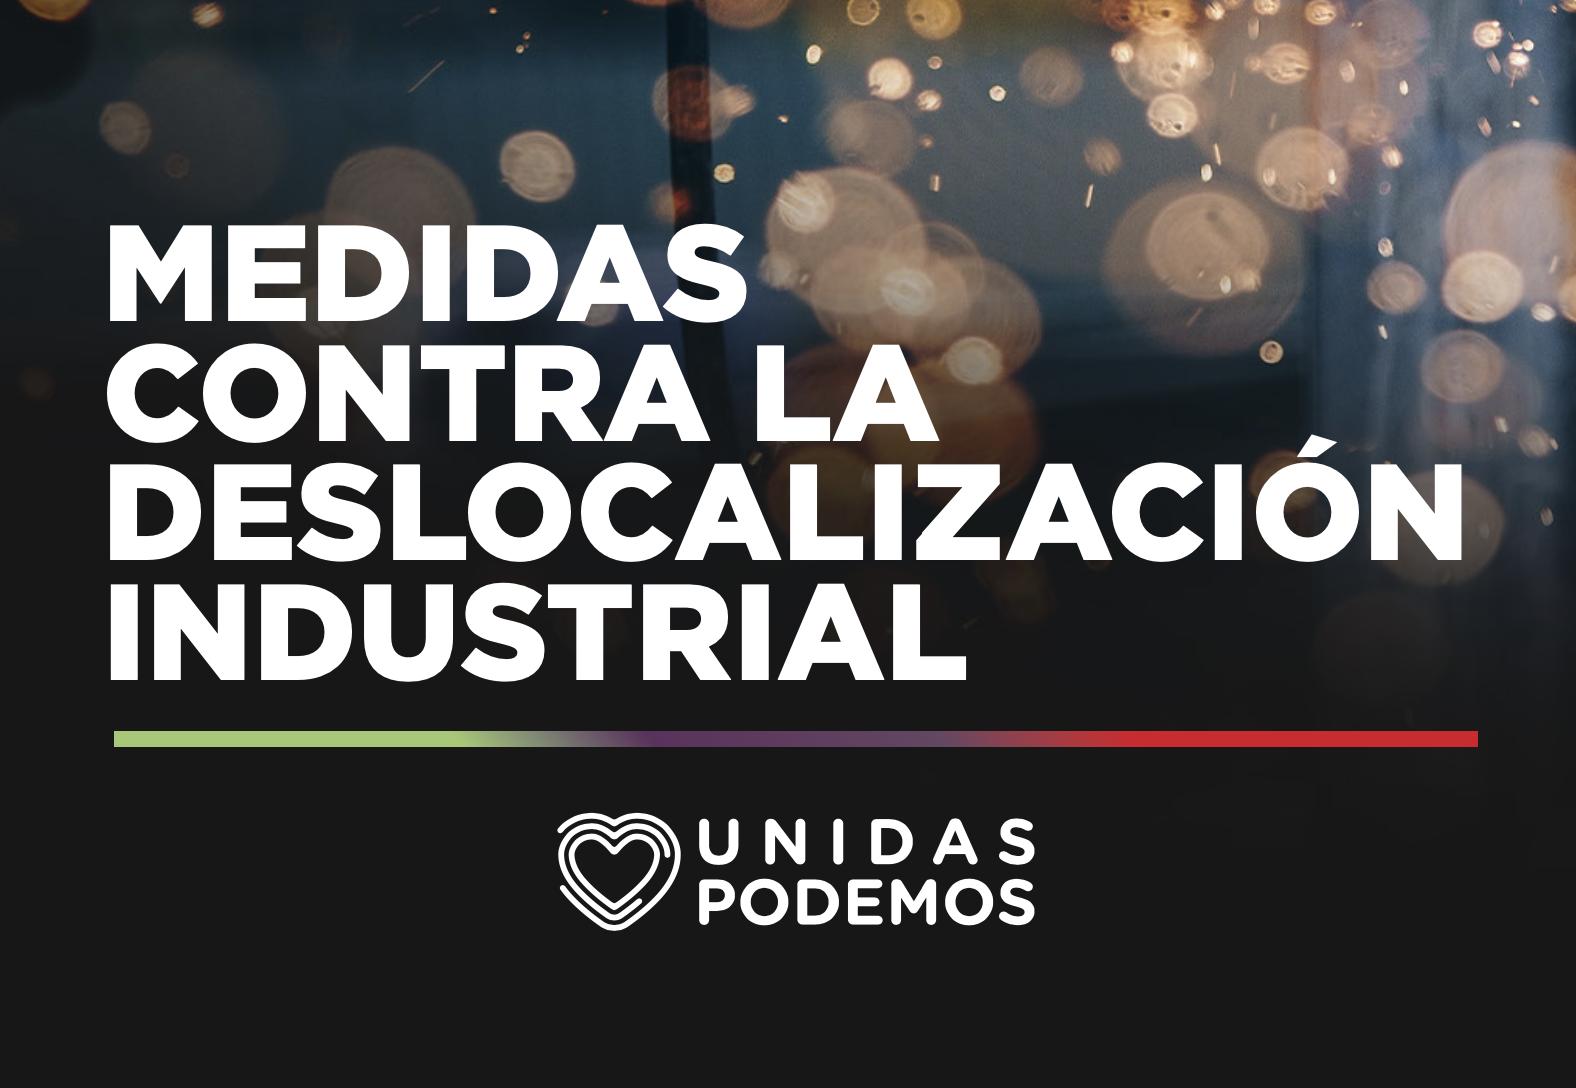 Medidas contra la deslocalización industrial